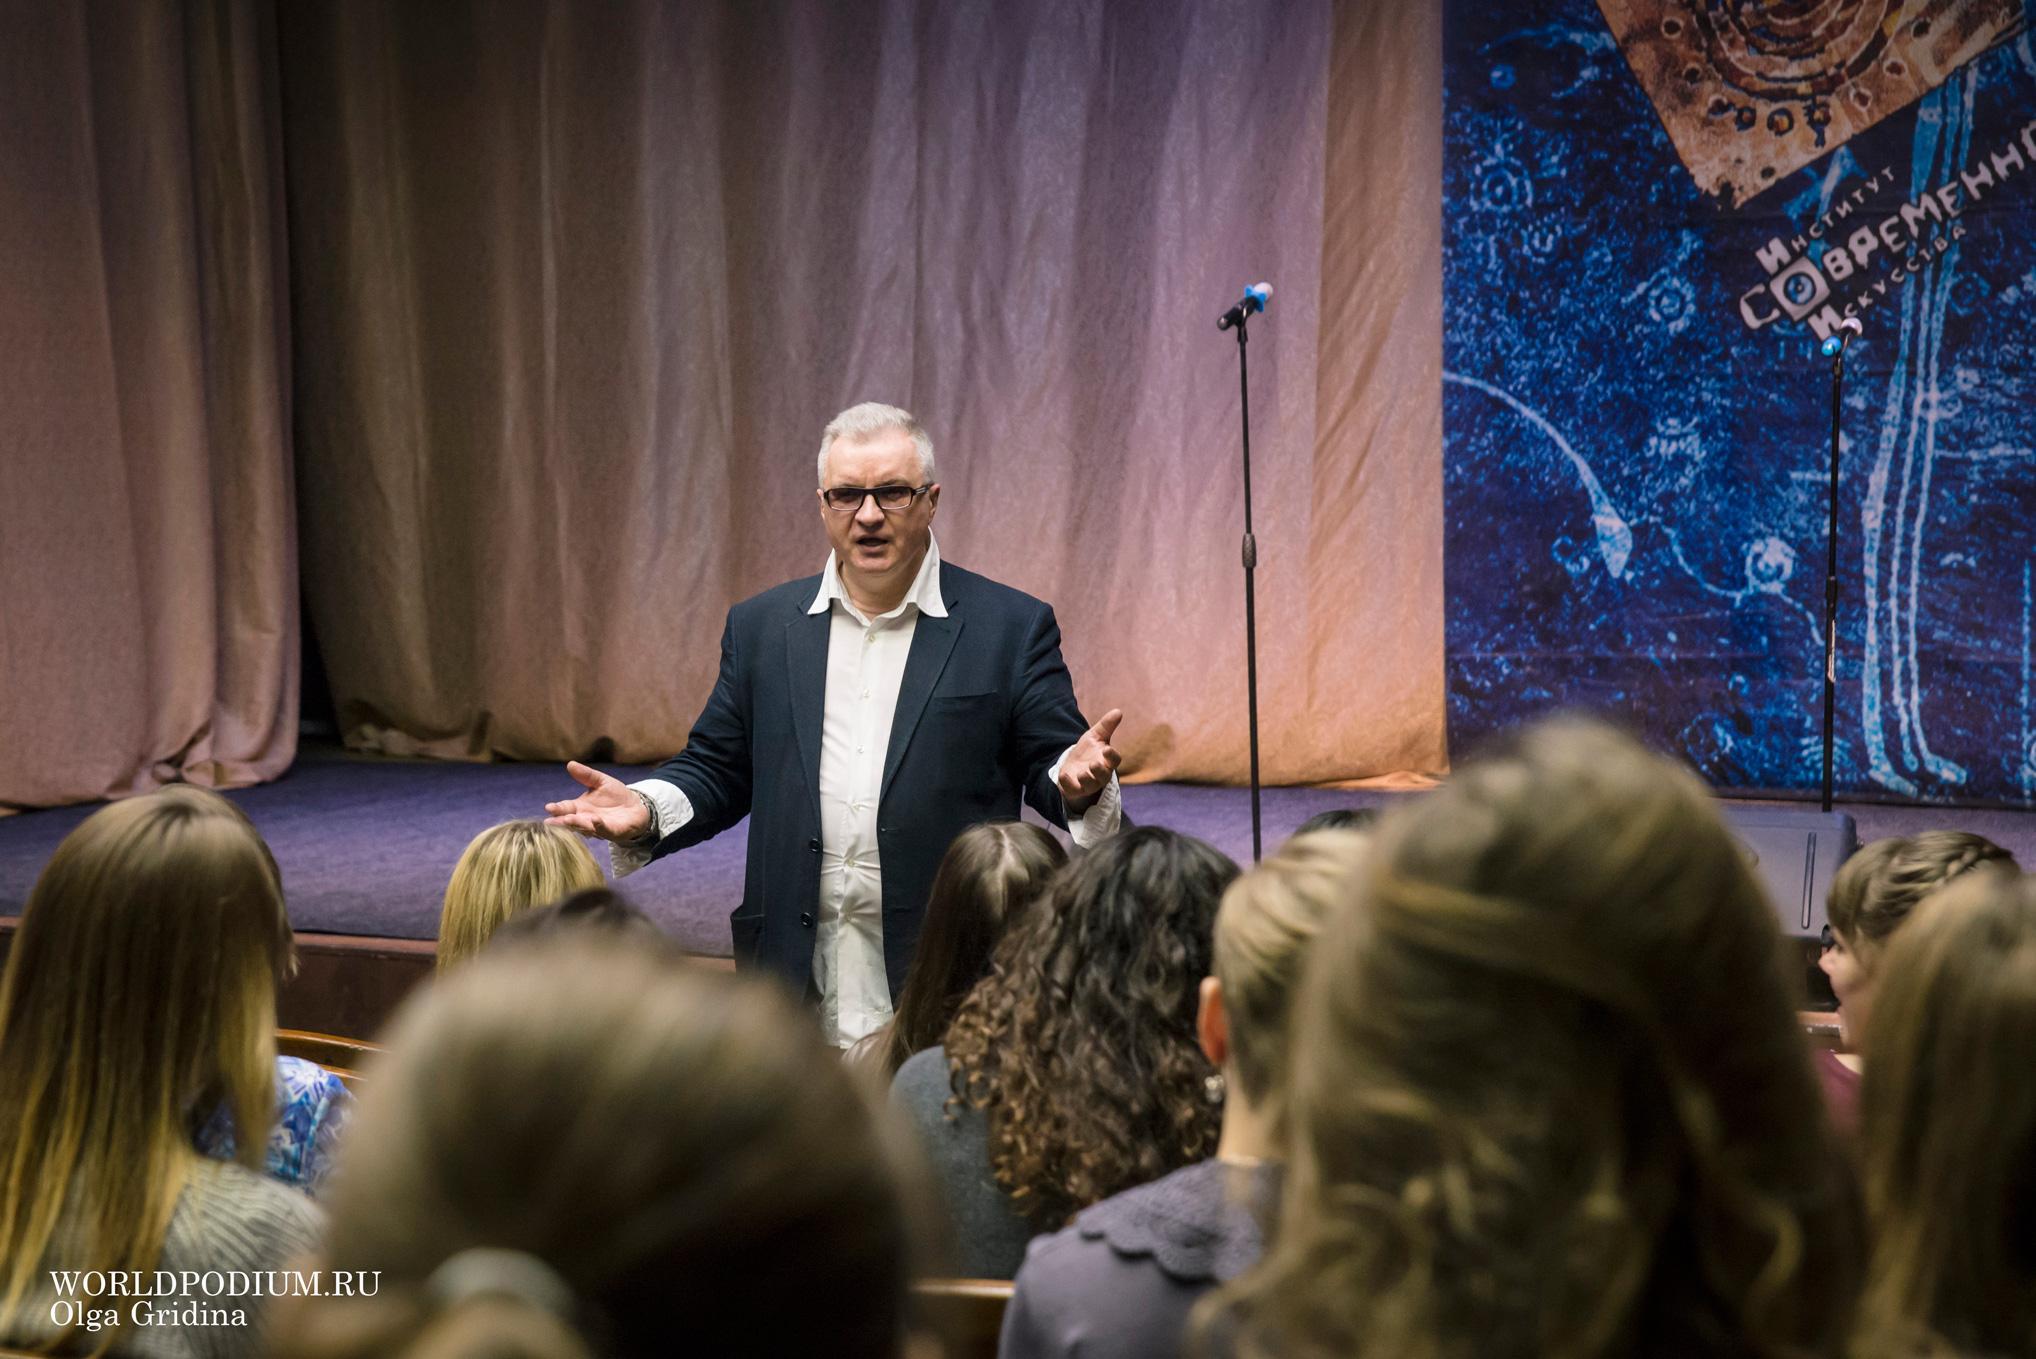 ИСИ-2017: вокальный мастер-класс профессора Александра Михайловича Малиновского